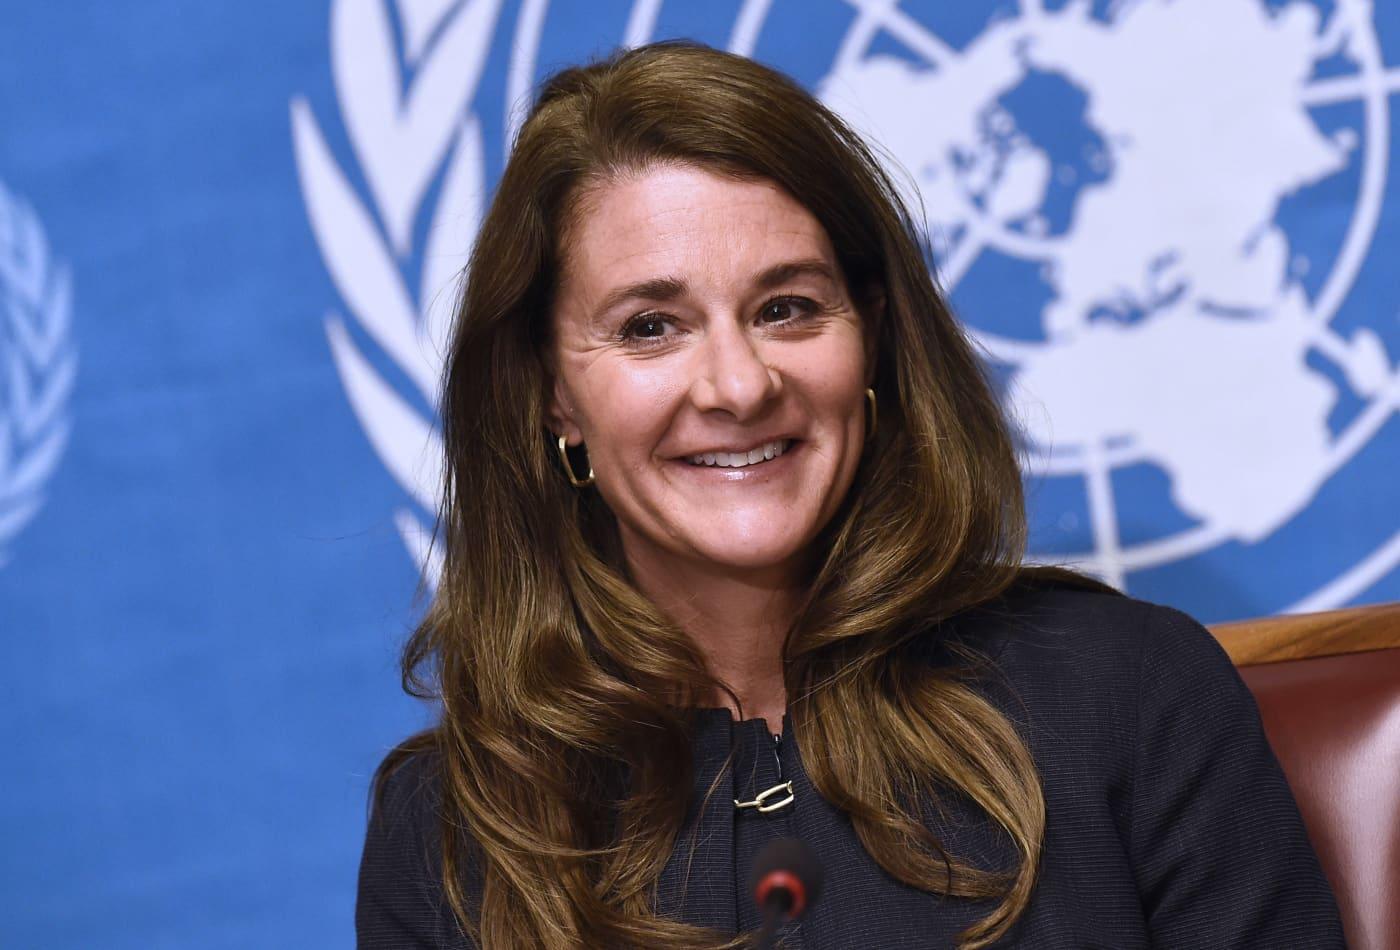 Bill Melinda Gates Foundation: Inside Melinda Gates' Morning Routine